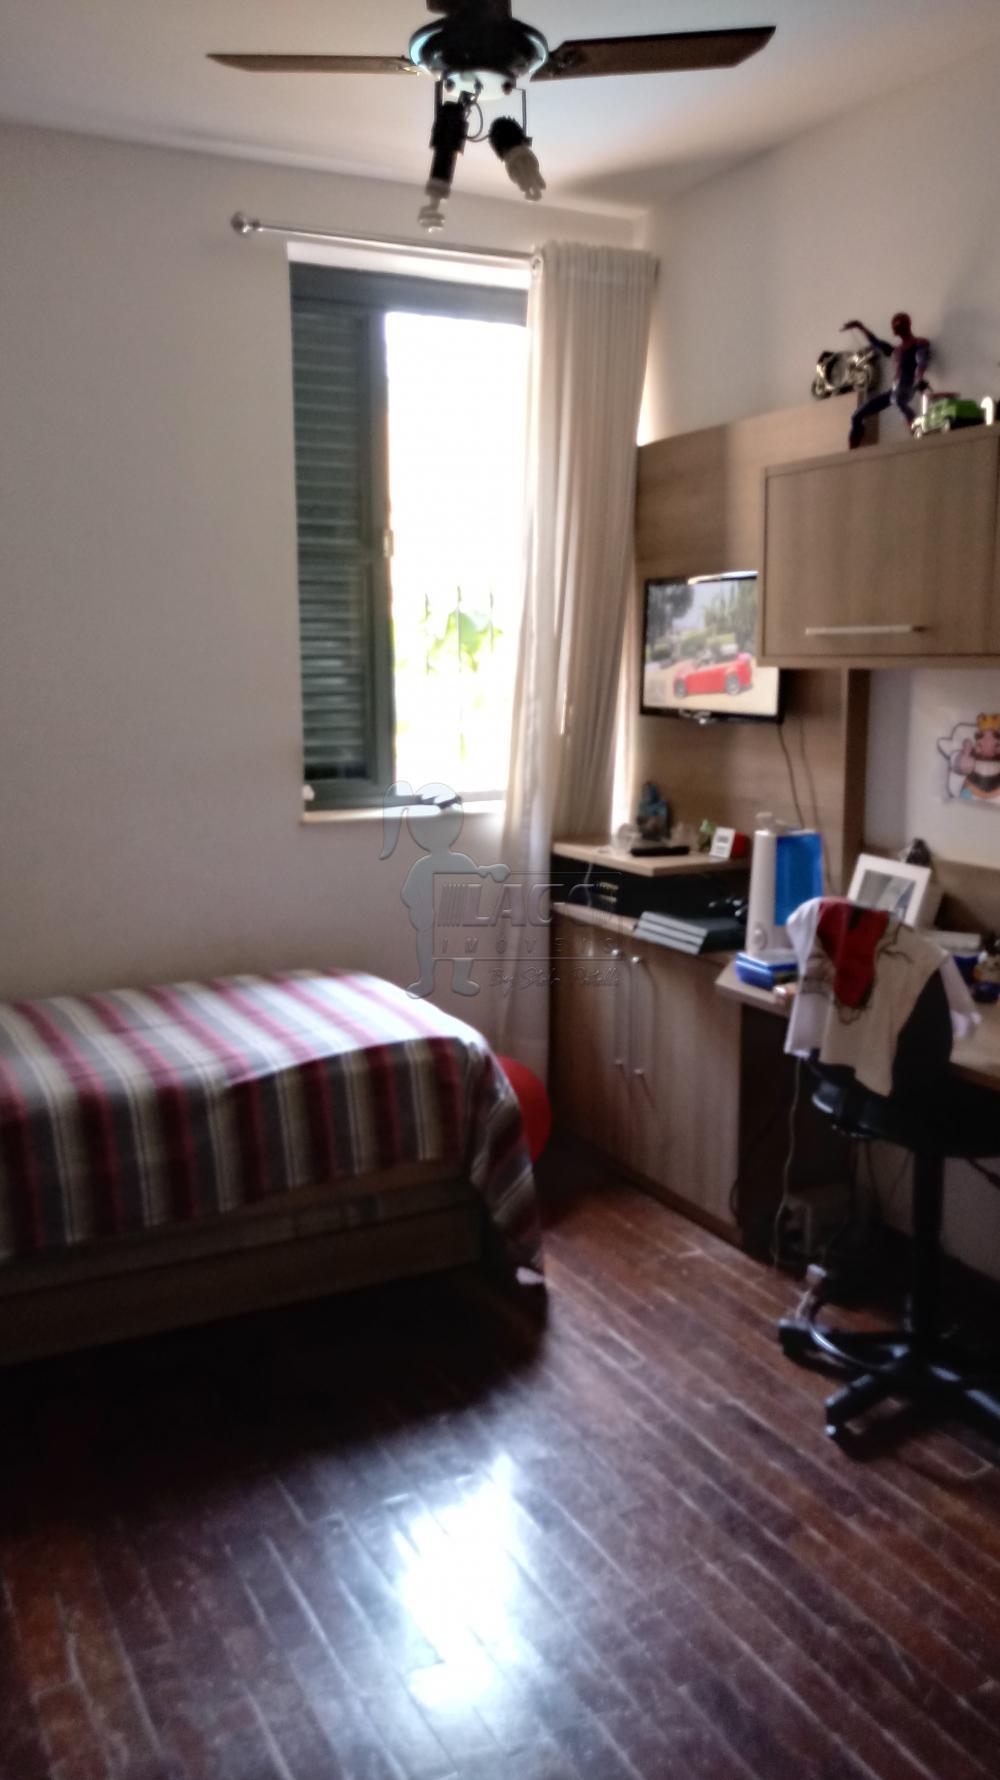 Comprar Casas / Padrão em Ribeirão Preto apenas R$ 600.000,00 - Foto 14